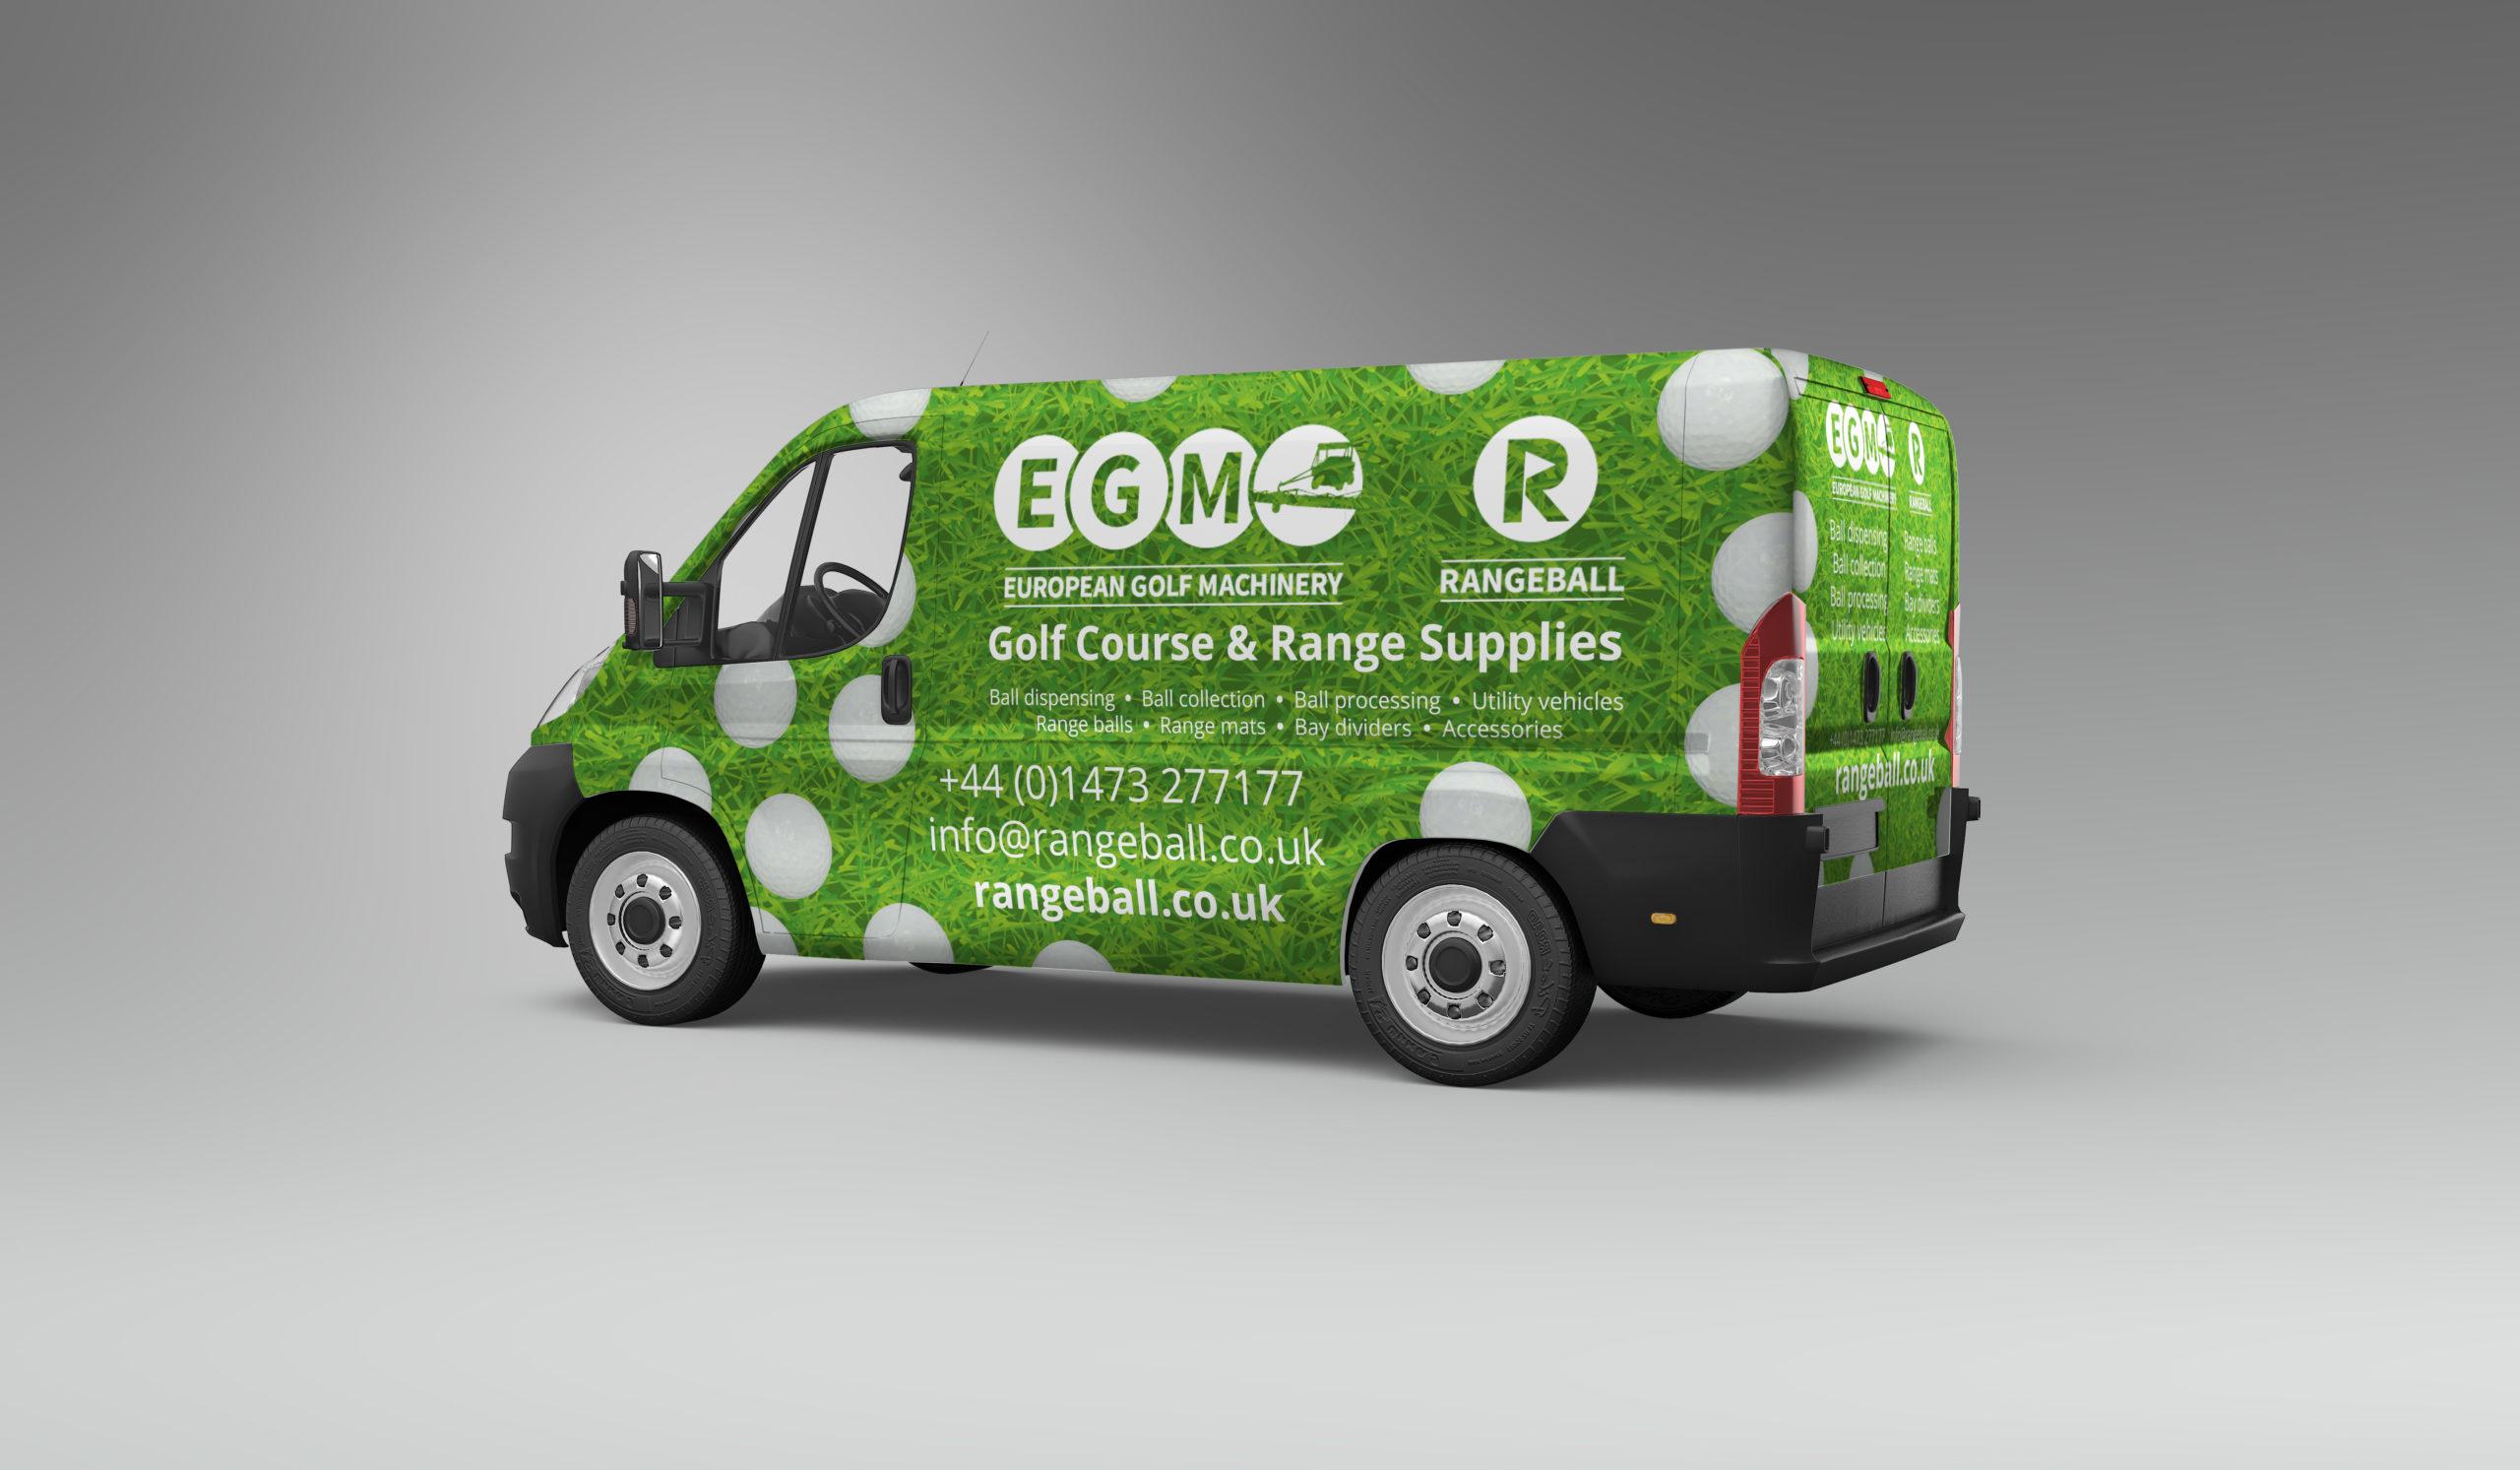 Van with printed vehicle livery